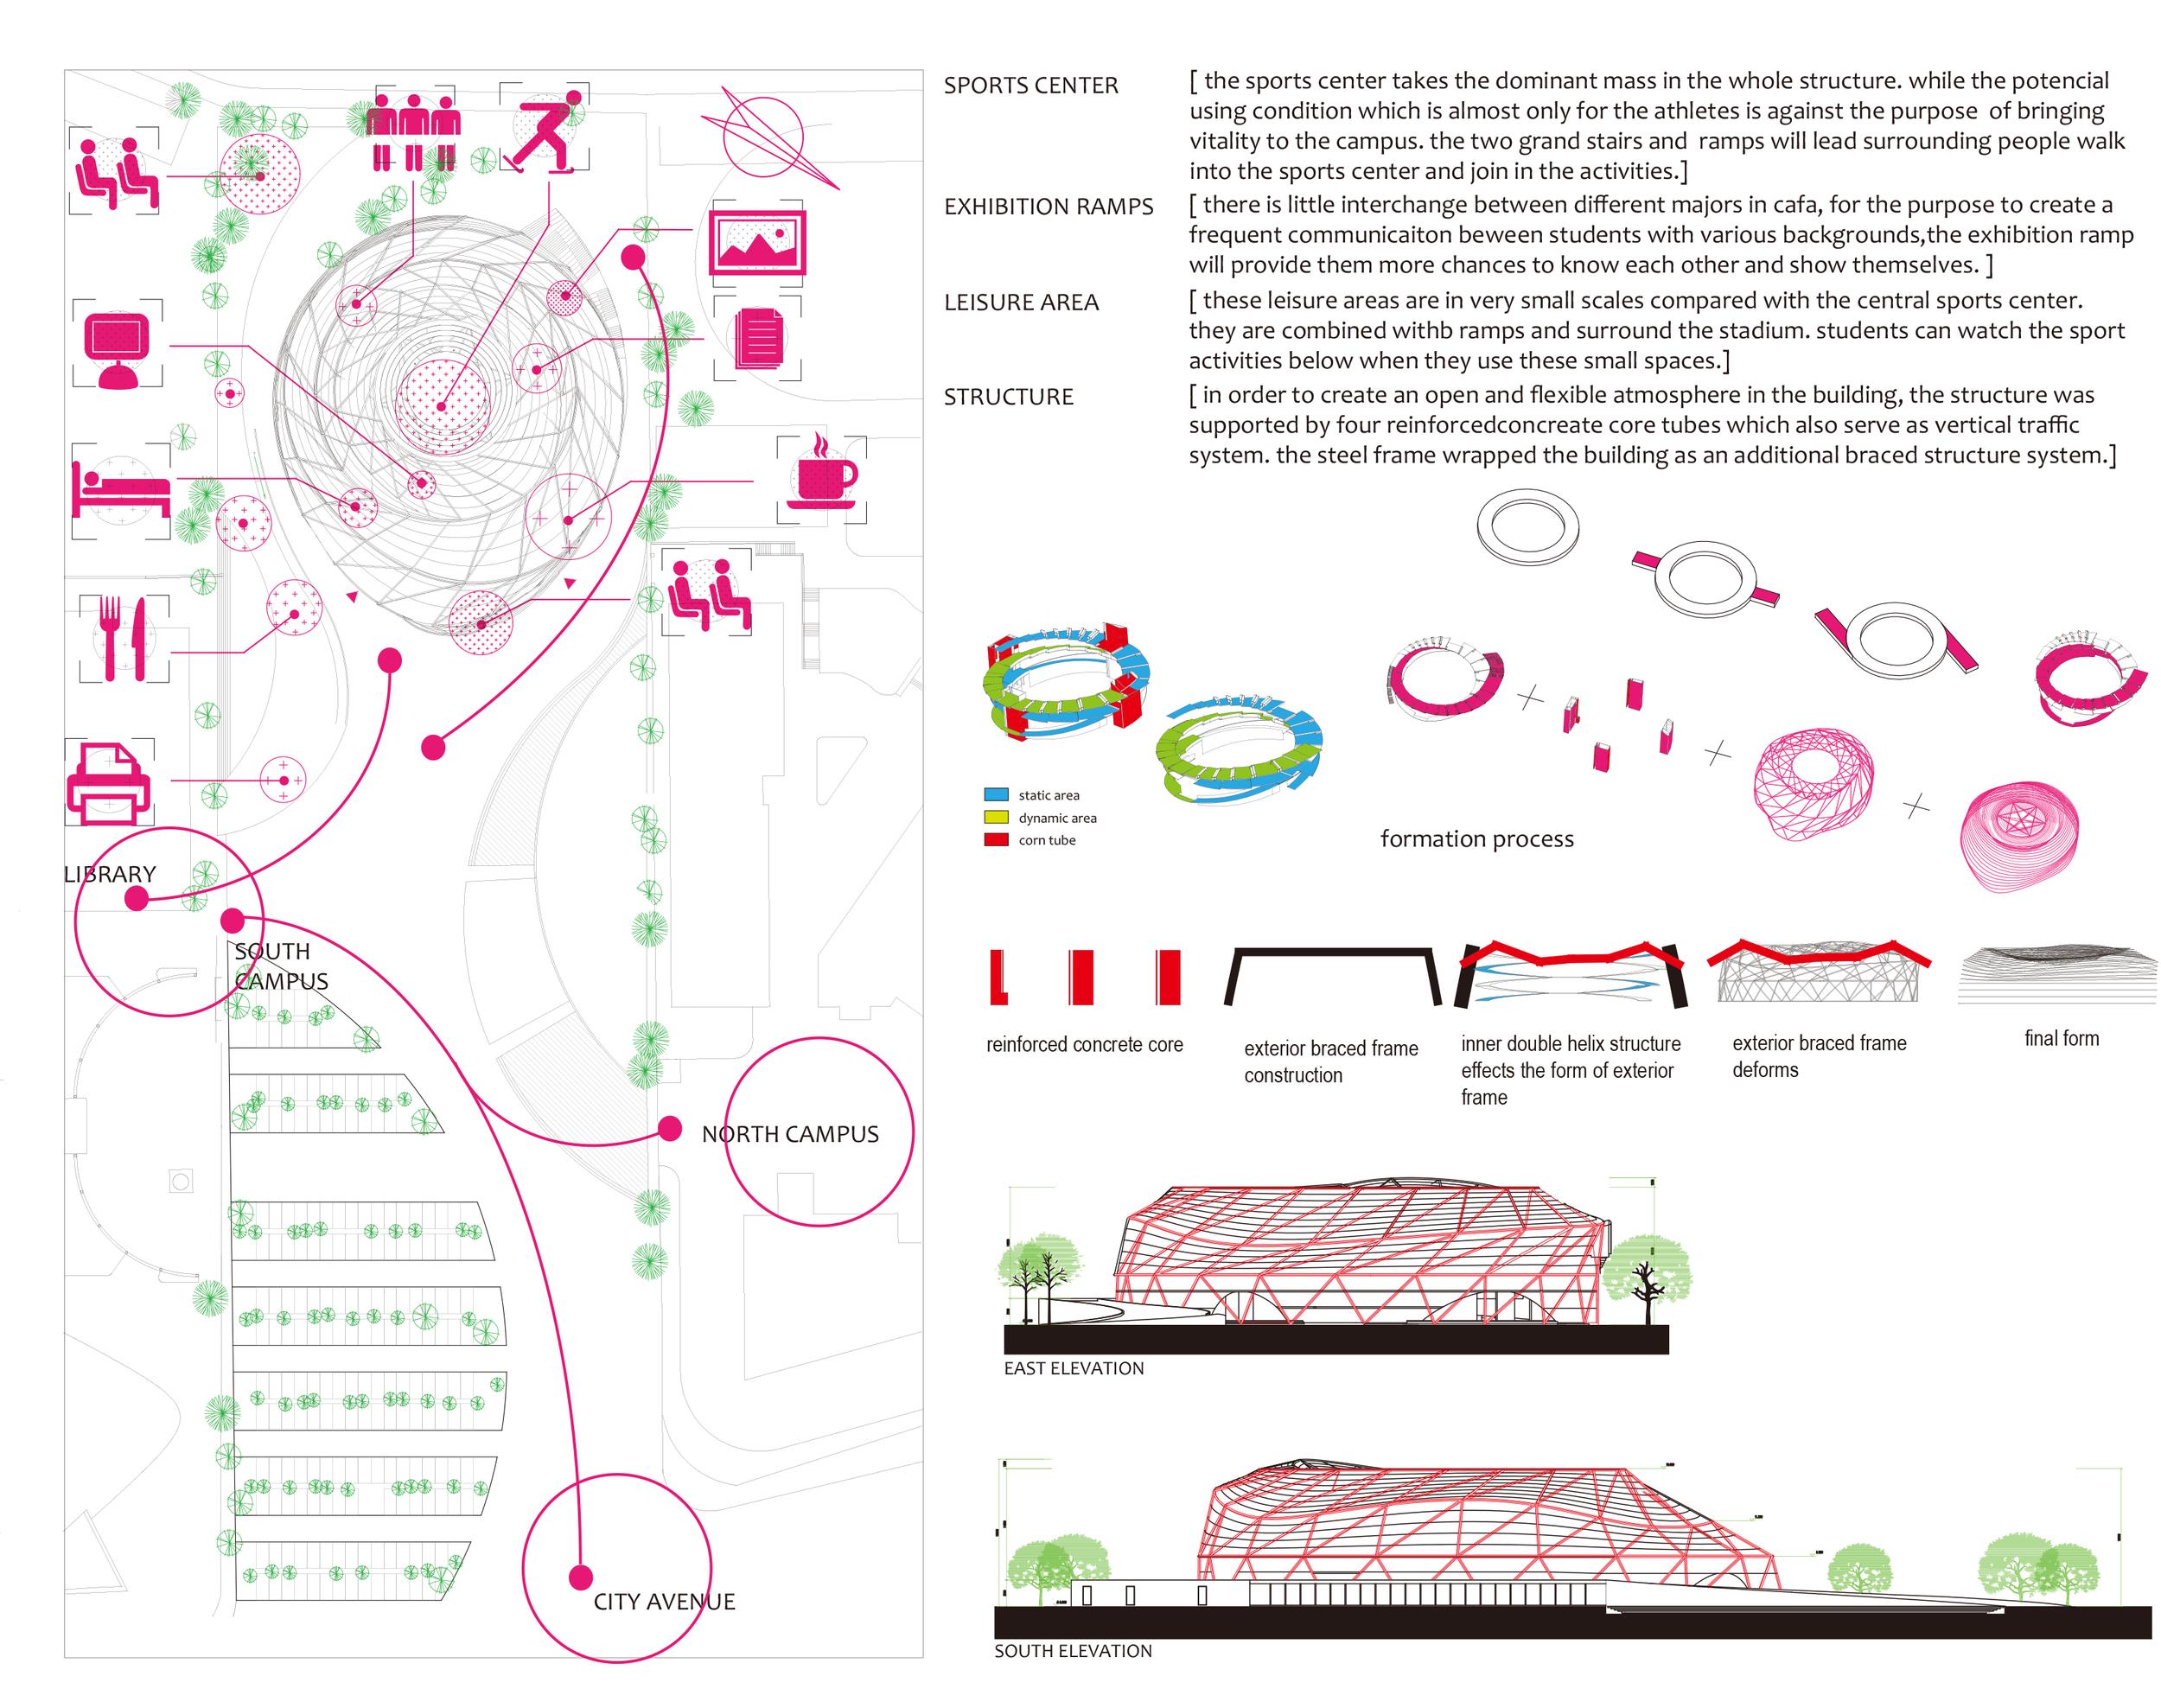 4 diagram_2